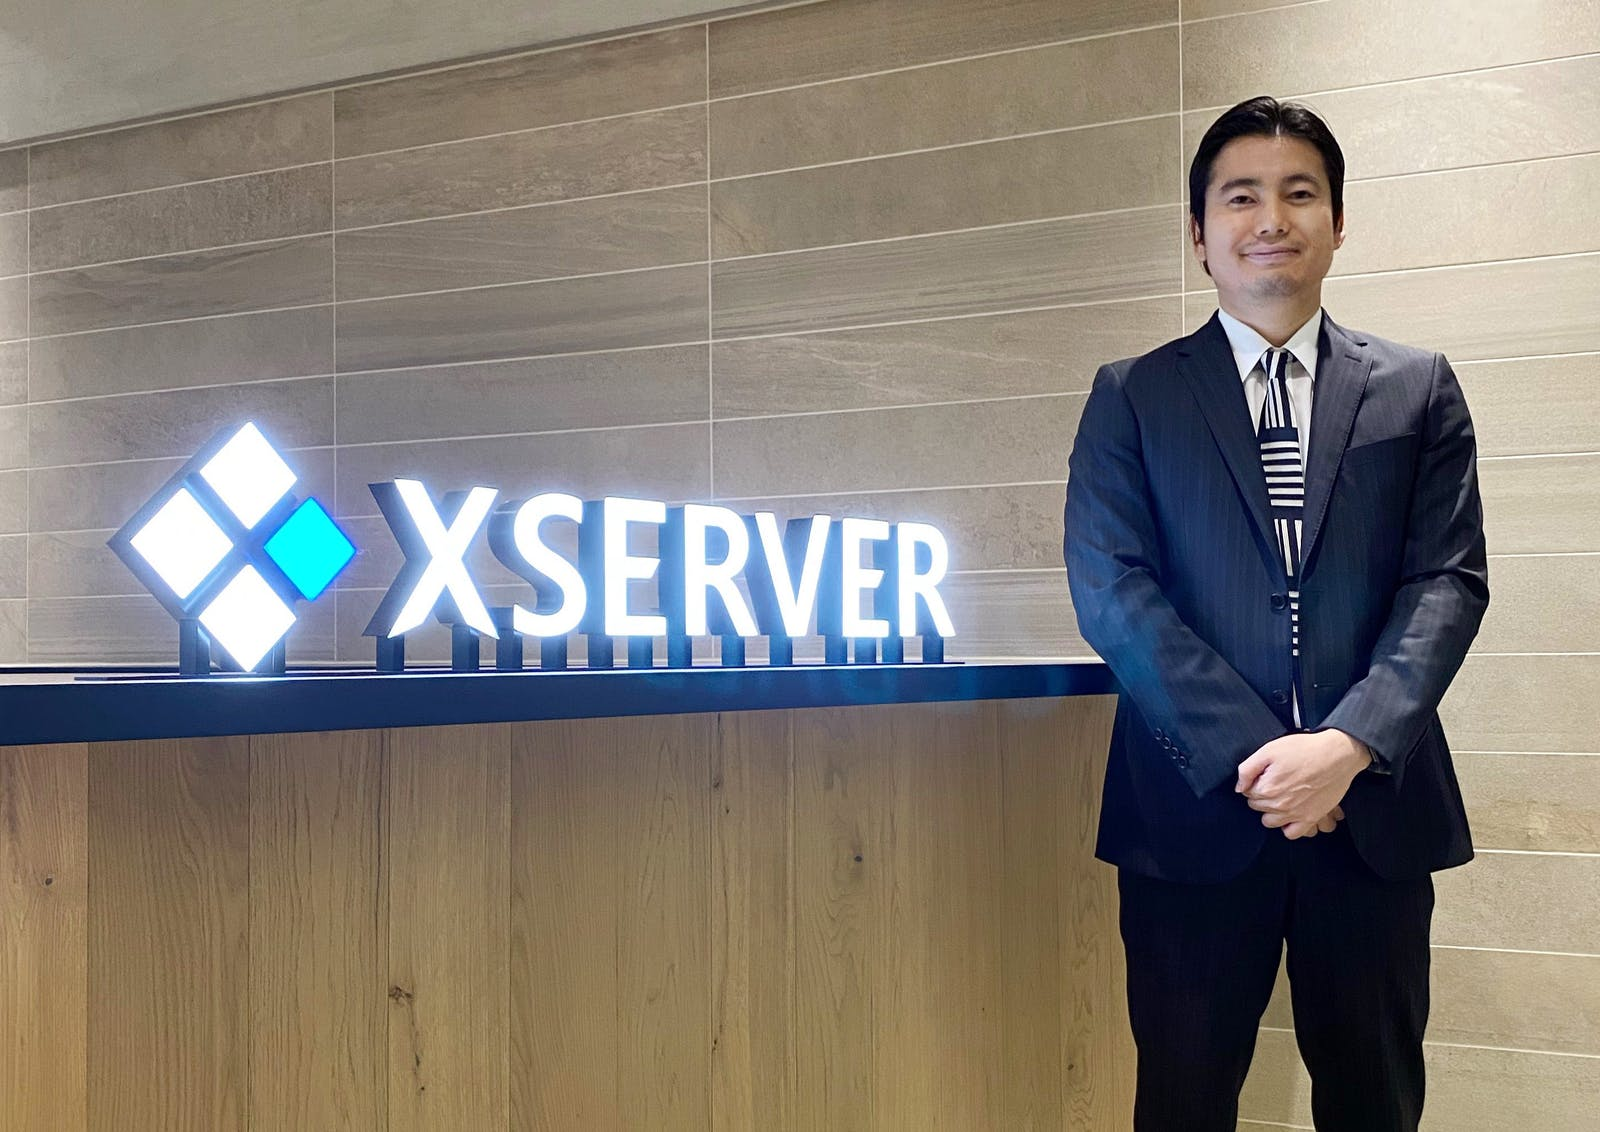 エックスサーバー株式会社のアイキャッチ画像